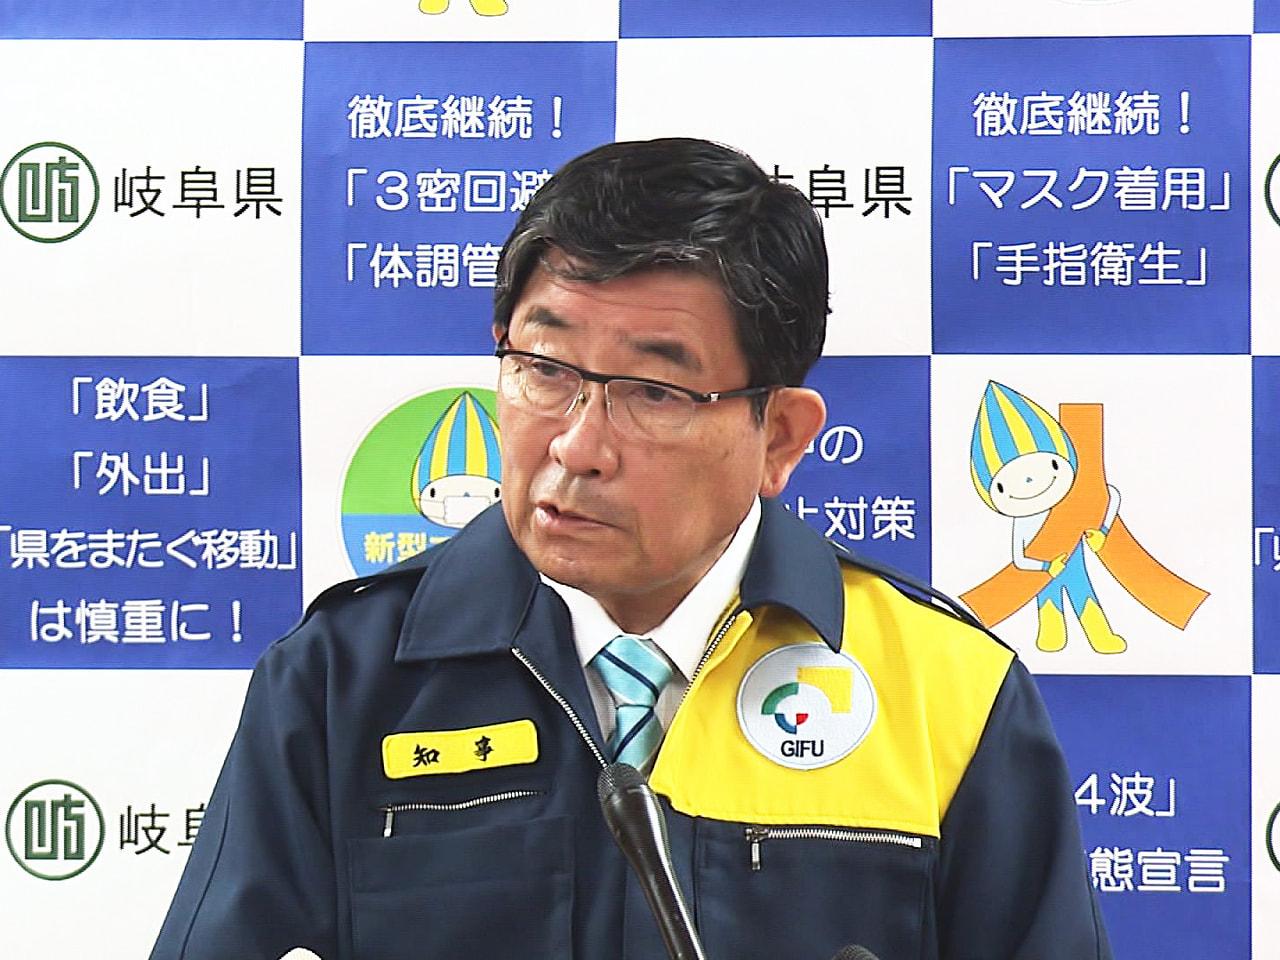 岐阜県の古田肇知事は28日、新型コロナウイルス感染拡大に伴う「まん延防止等重点措...